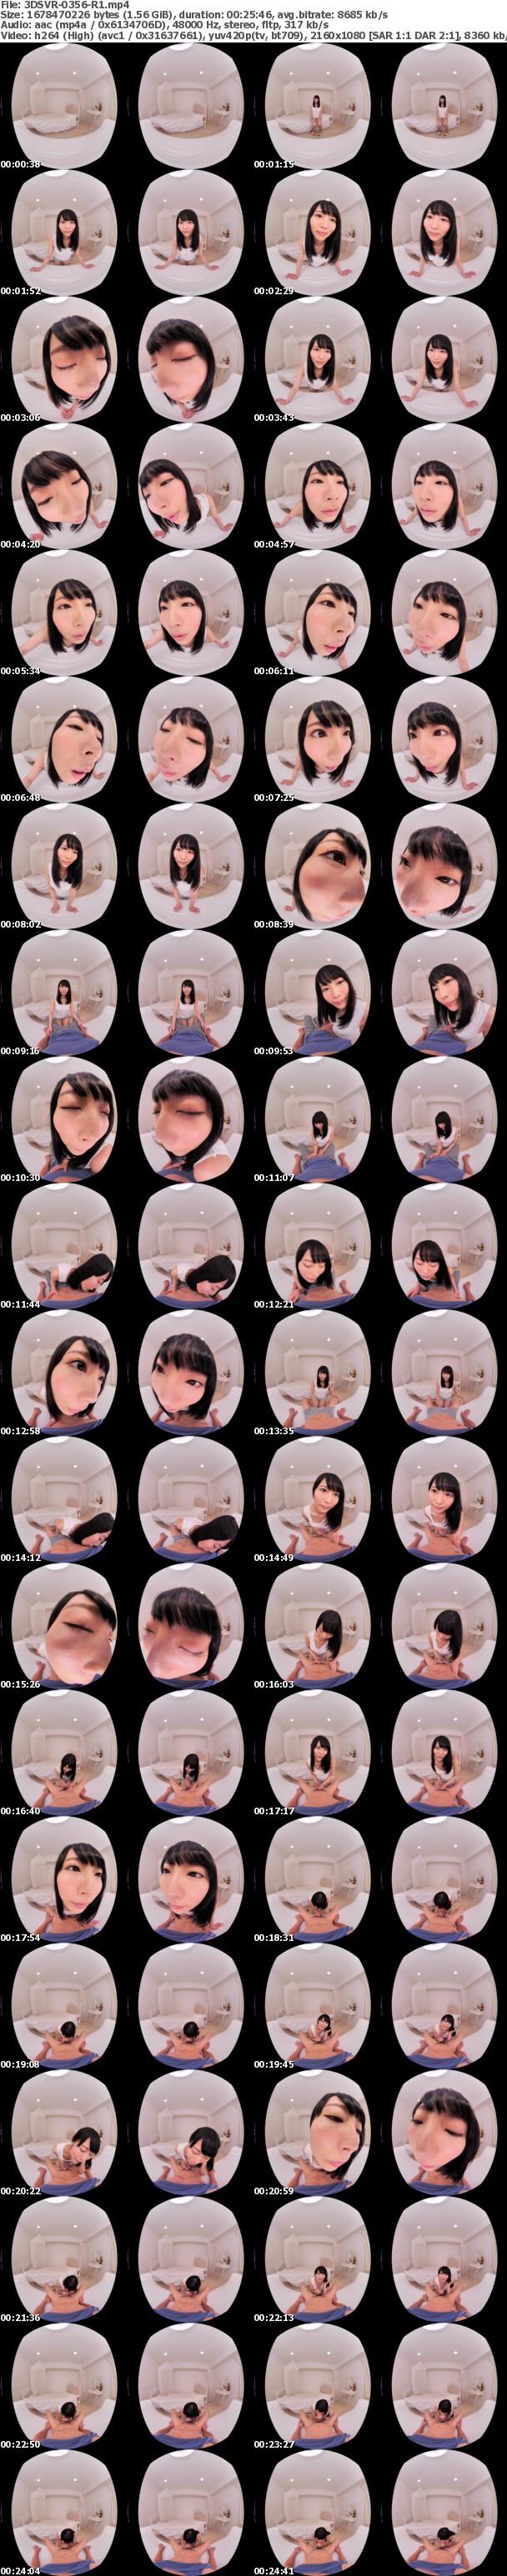 VR/3D 3DSVR-0356 自然豊かな田舎から上京したGカップ天然ミネラル美少女 水樹璃子 初VR